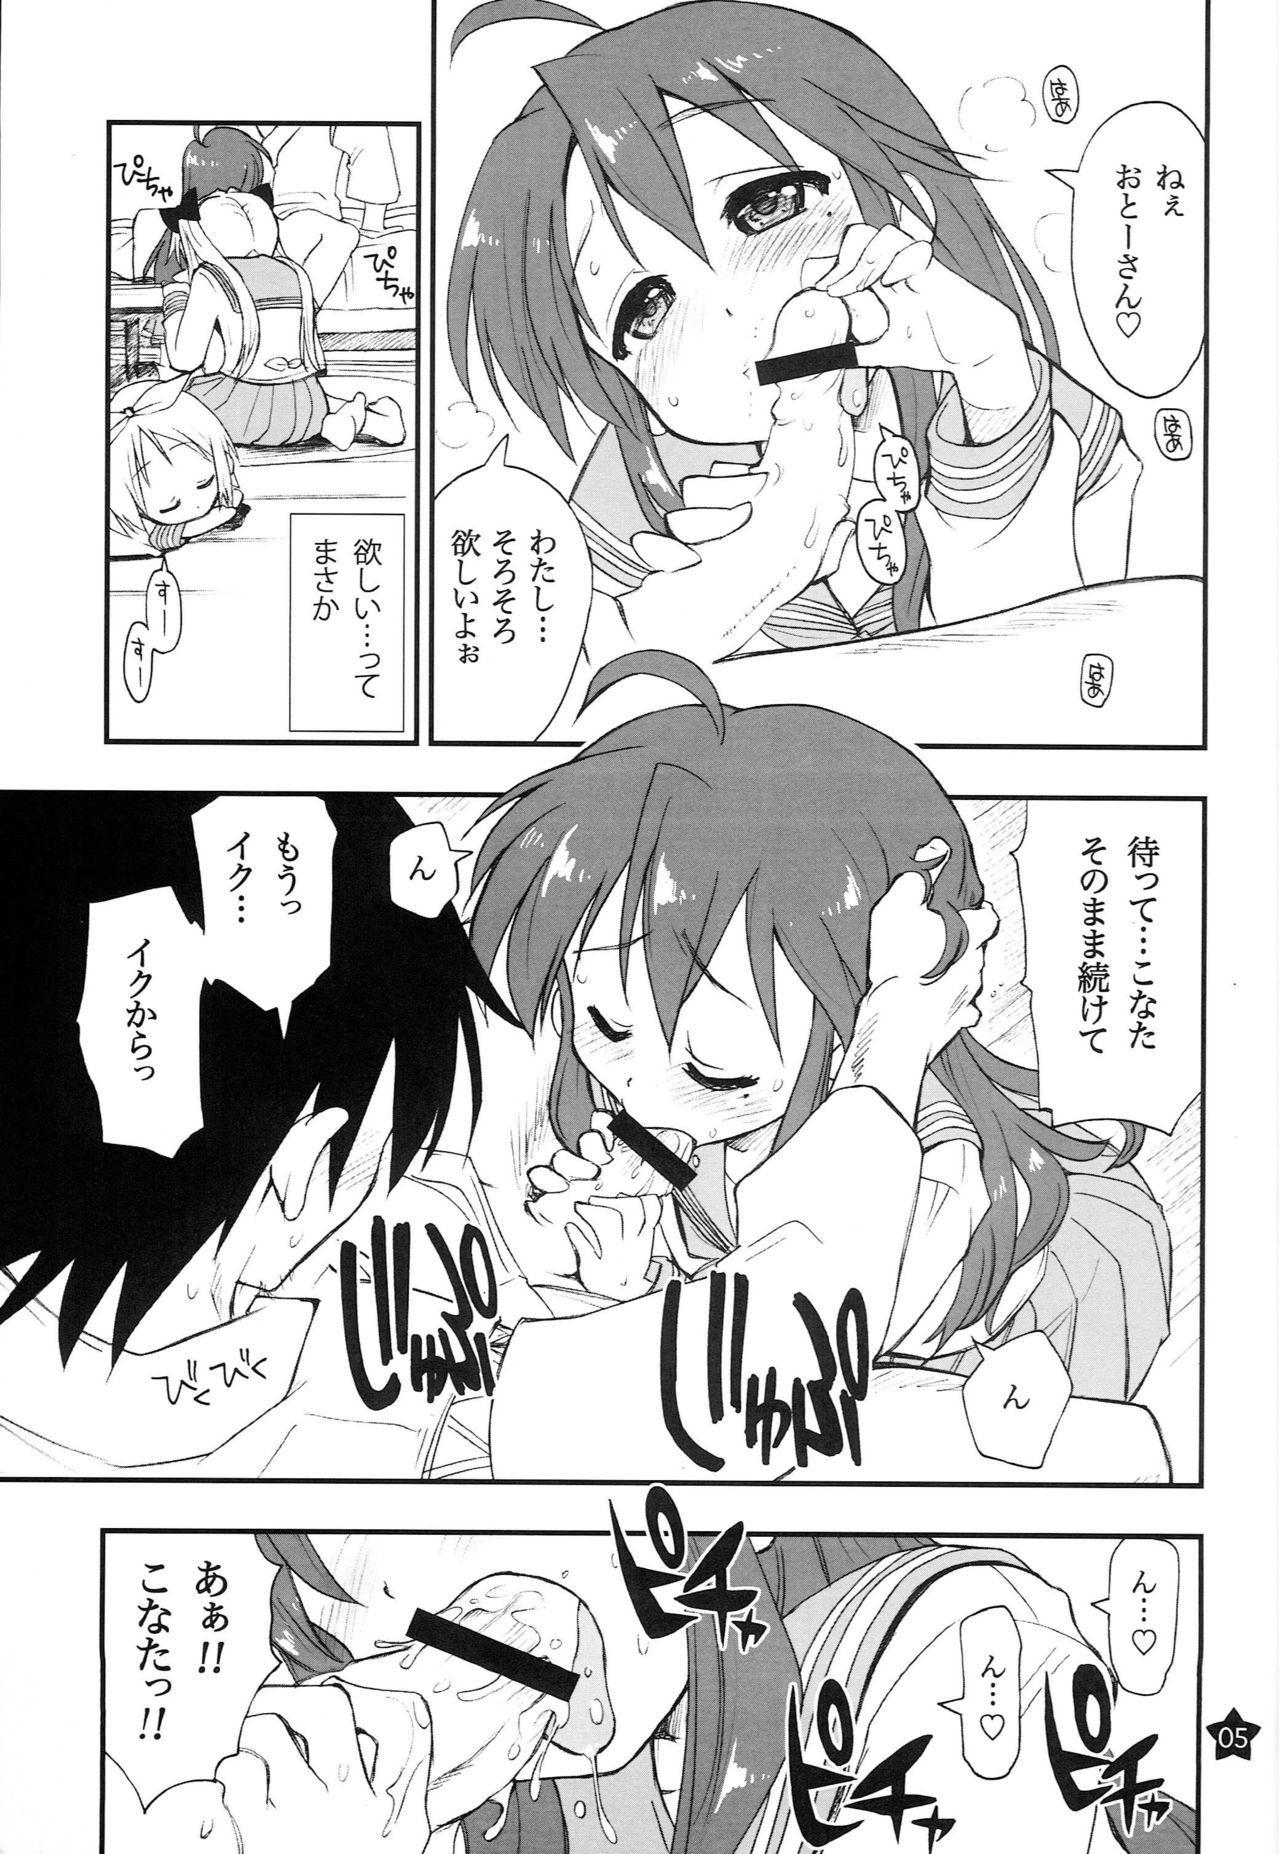 [Girigiri Nijiiro (Kamino Ryu-ya)] Ohirune Shitetara Kona-chan to Onee-chan ga Kona-chan no Oji-san ni... (Lucky Star) [2009-06-09] 3